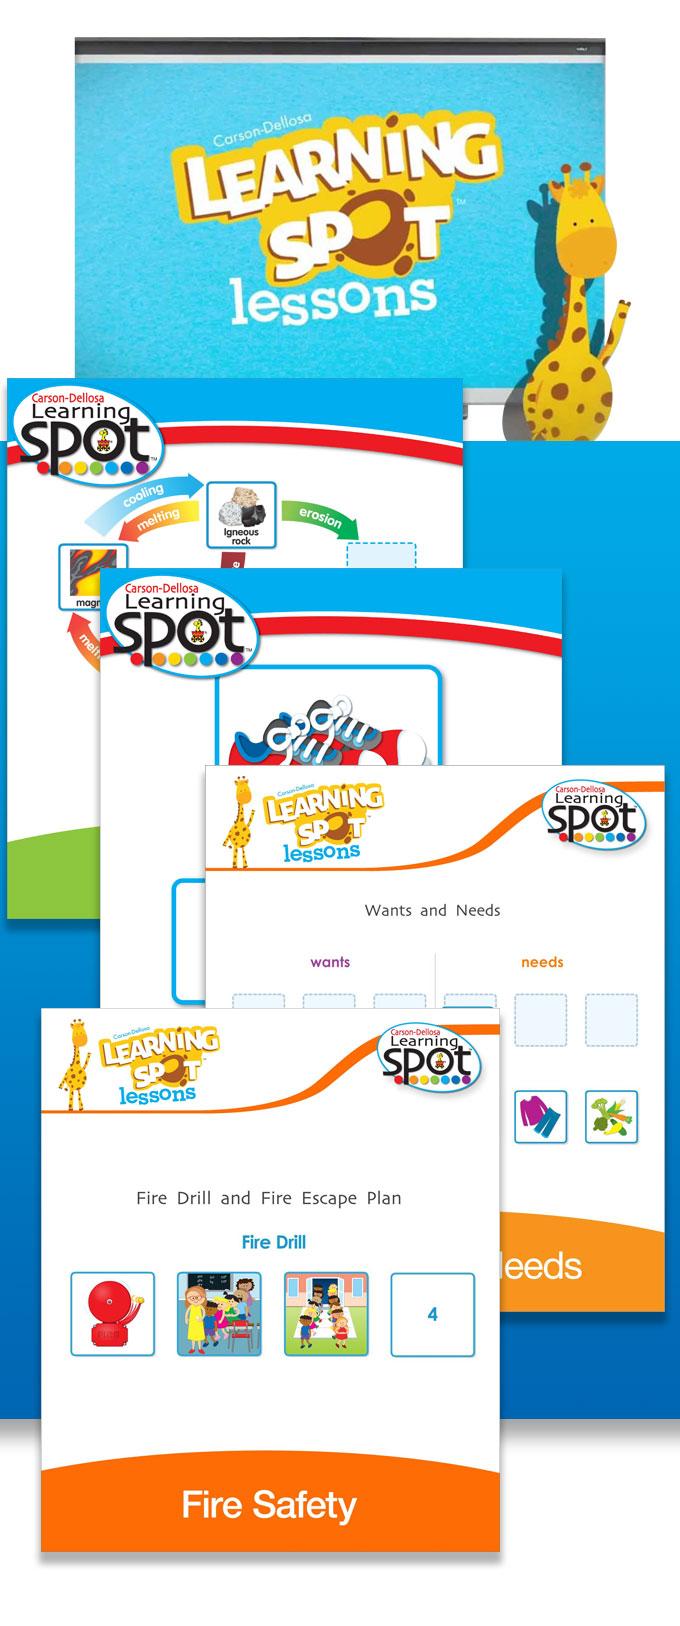 Carson-Dellosa: Learning Spot-96